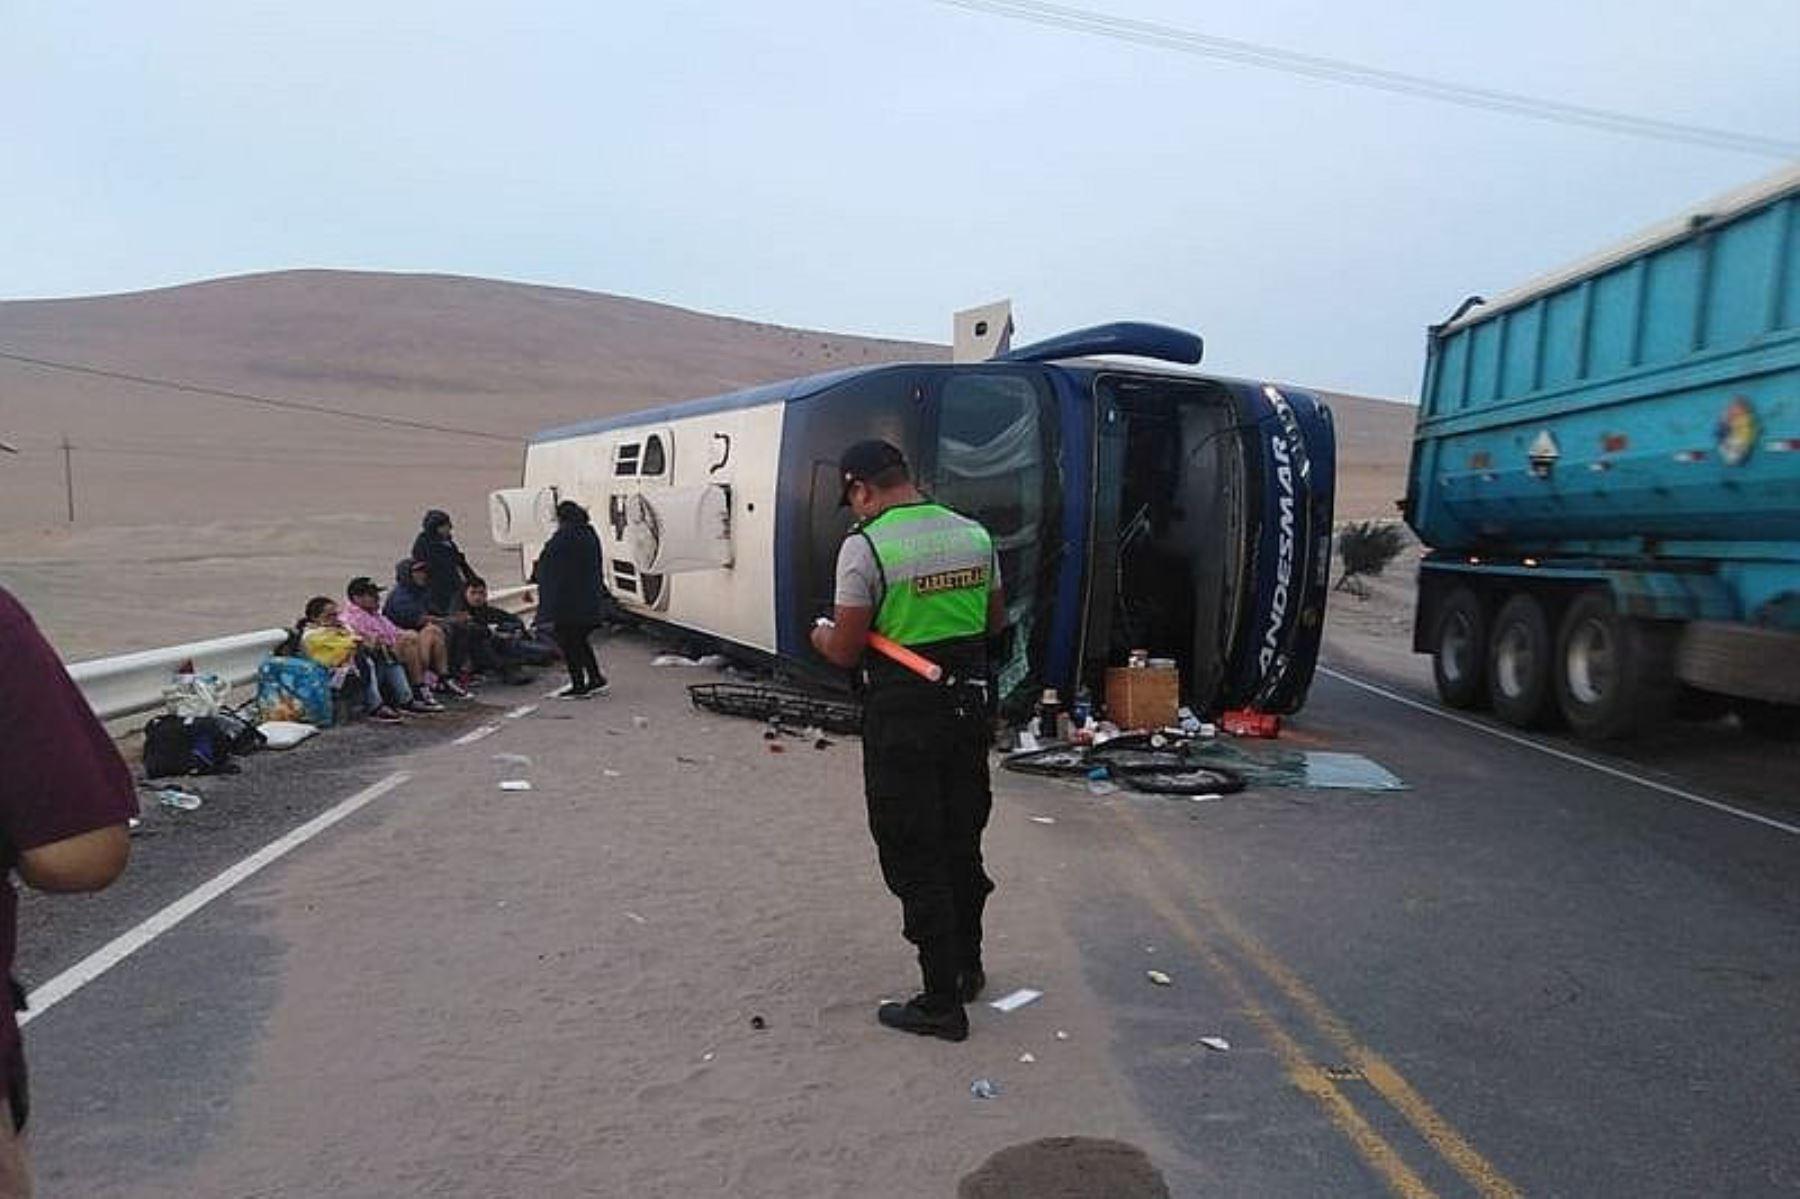 Una persona muere al despistarse un ómnibus en región Arequipa. Foto: radioyaravi.org.pe